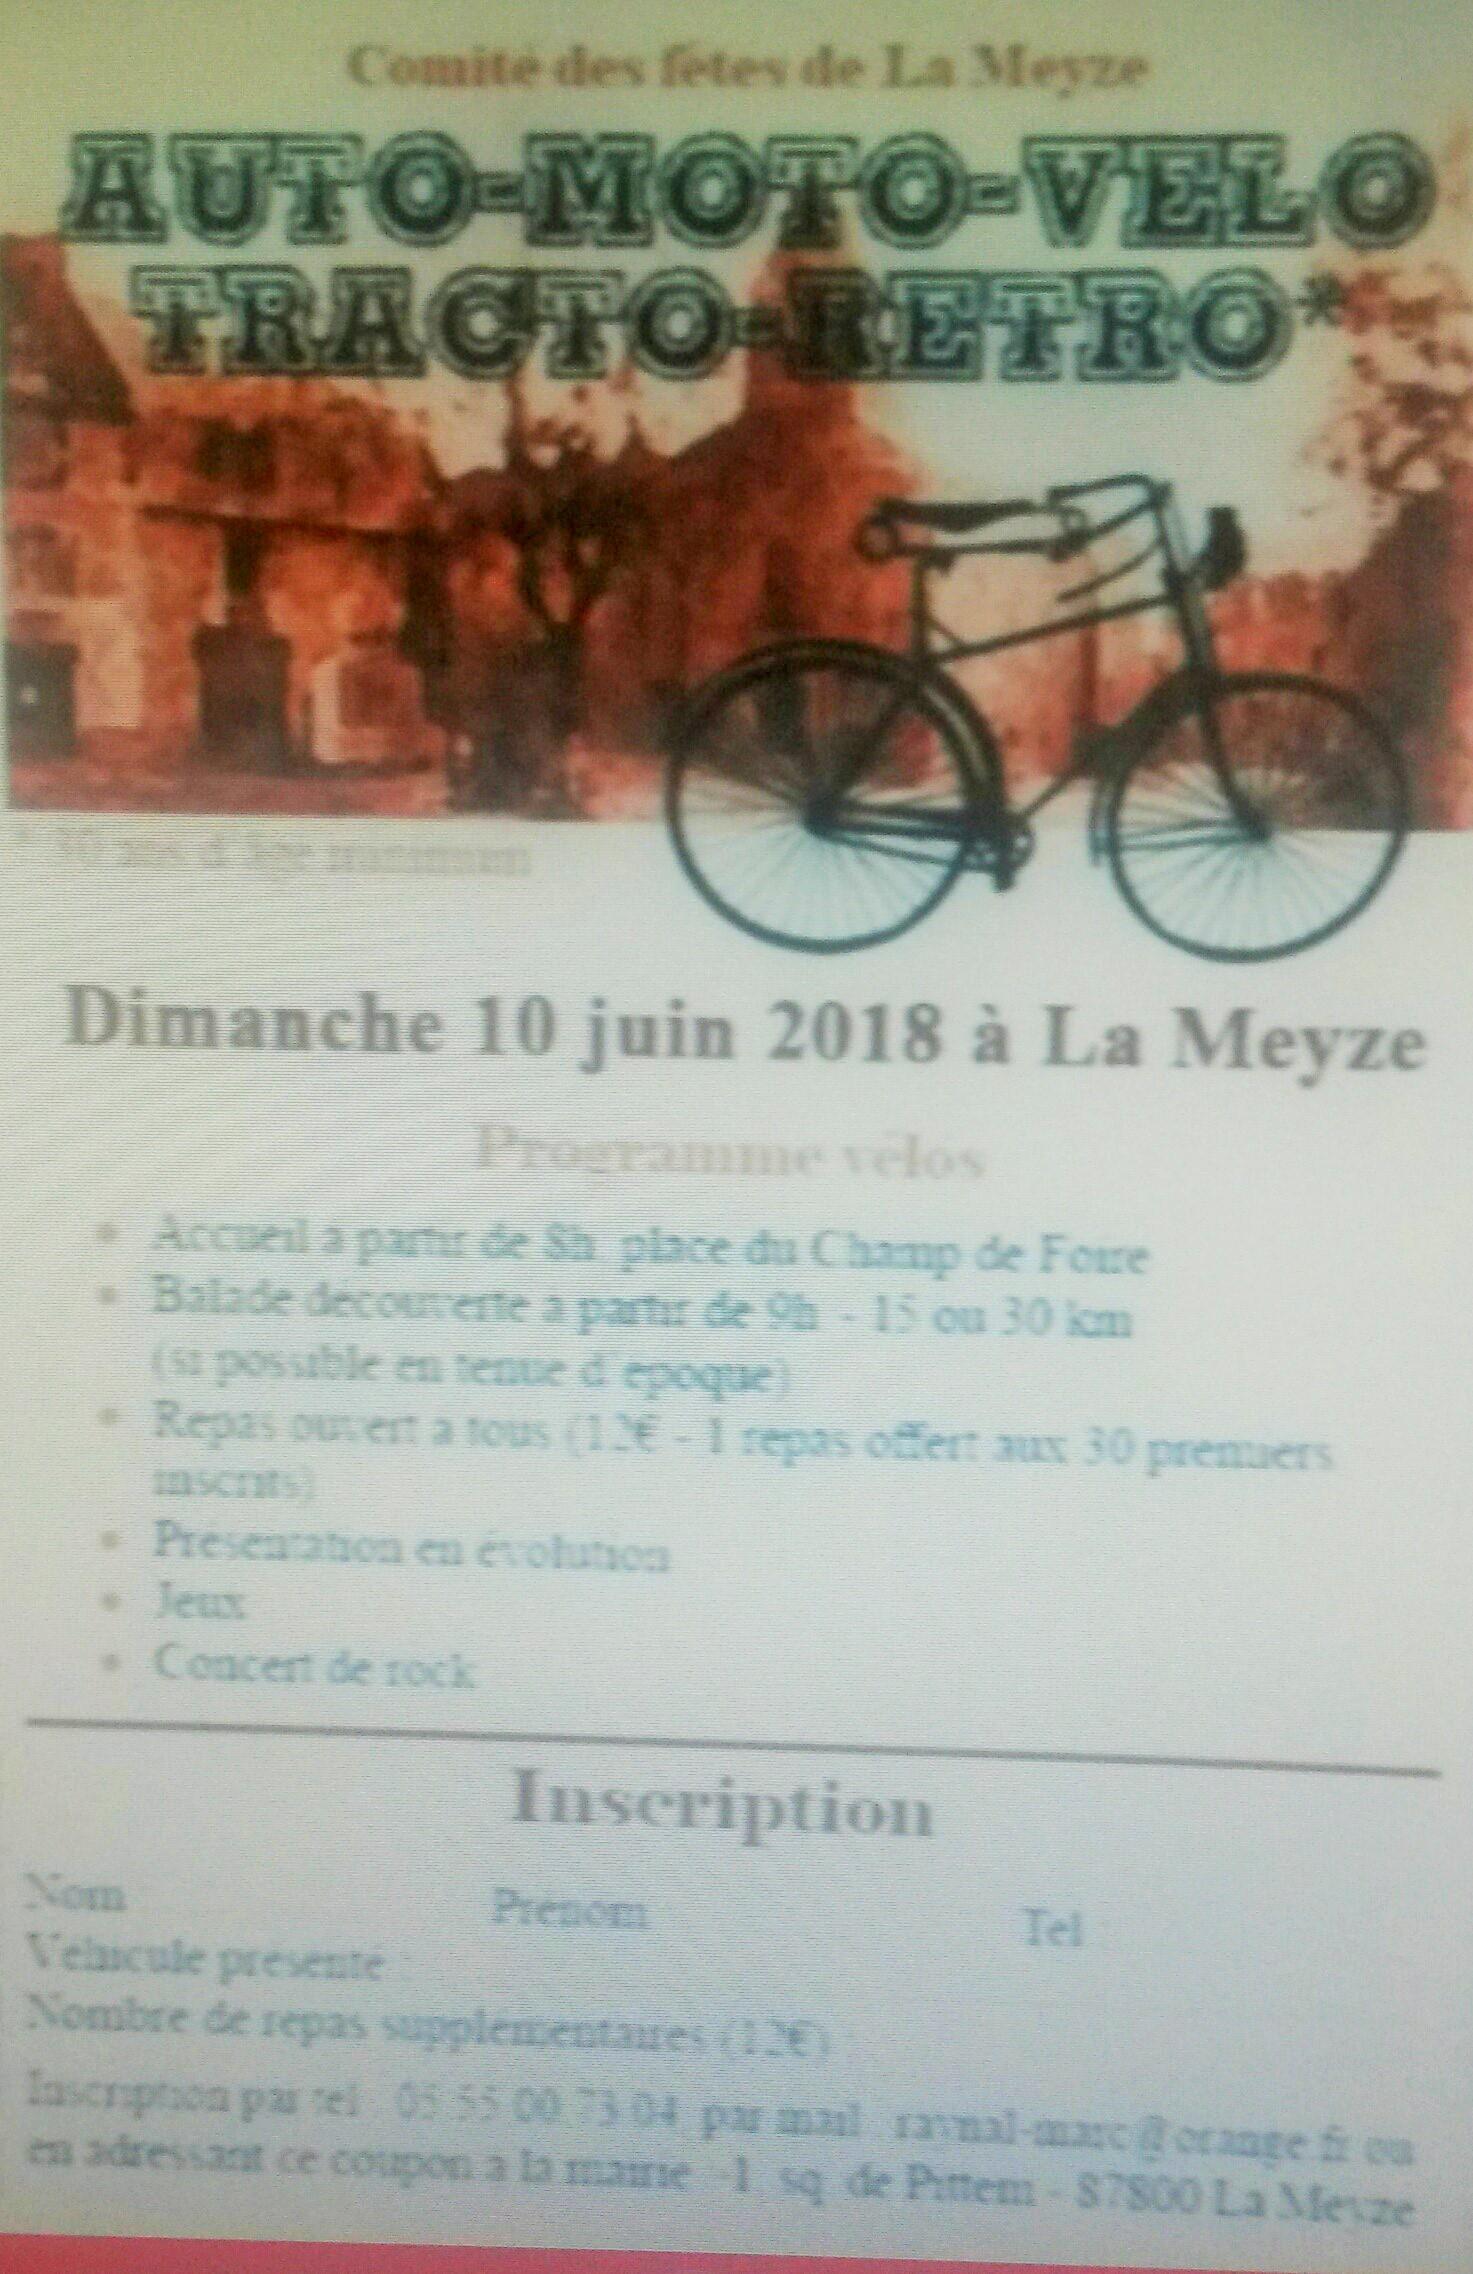 rando vélo vintage 87400 LA MEYZE  ( prés de limoges ) dimanche 10 juin 2018  07211